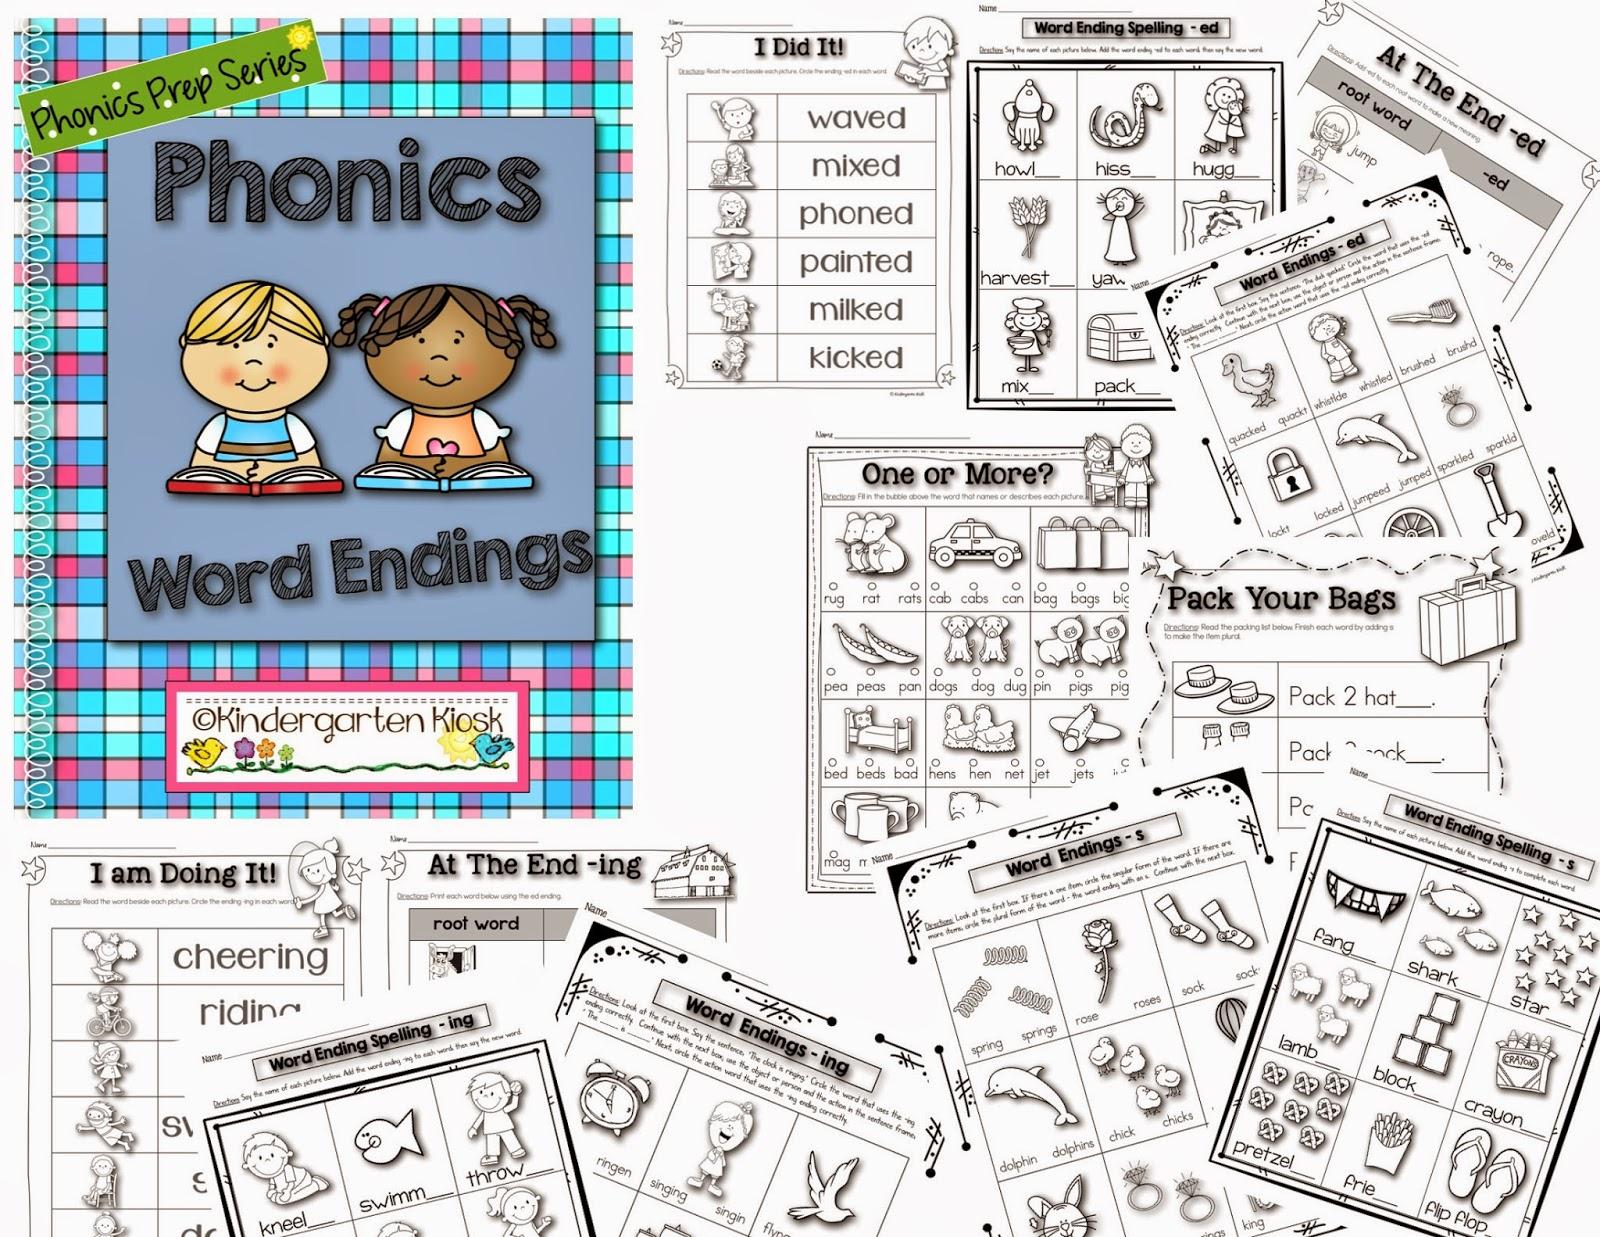 Kindergarten Kiosk Word Endings Worksheets